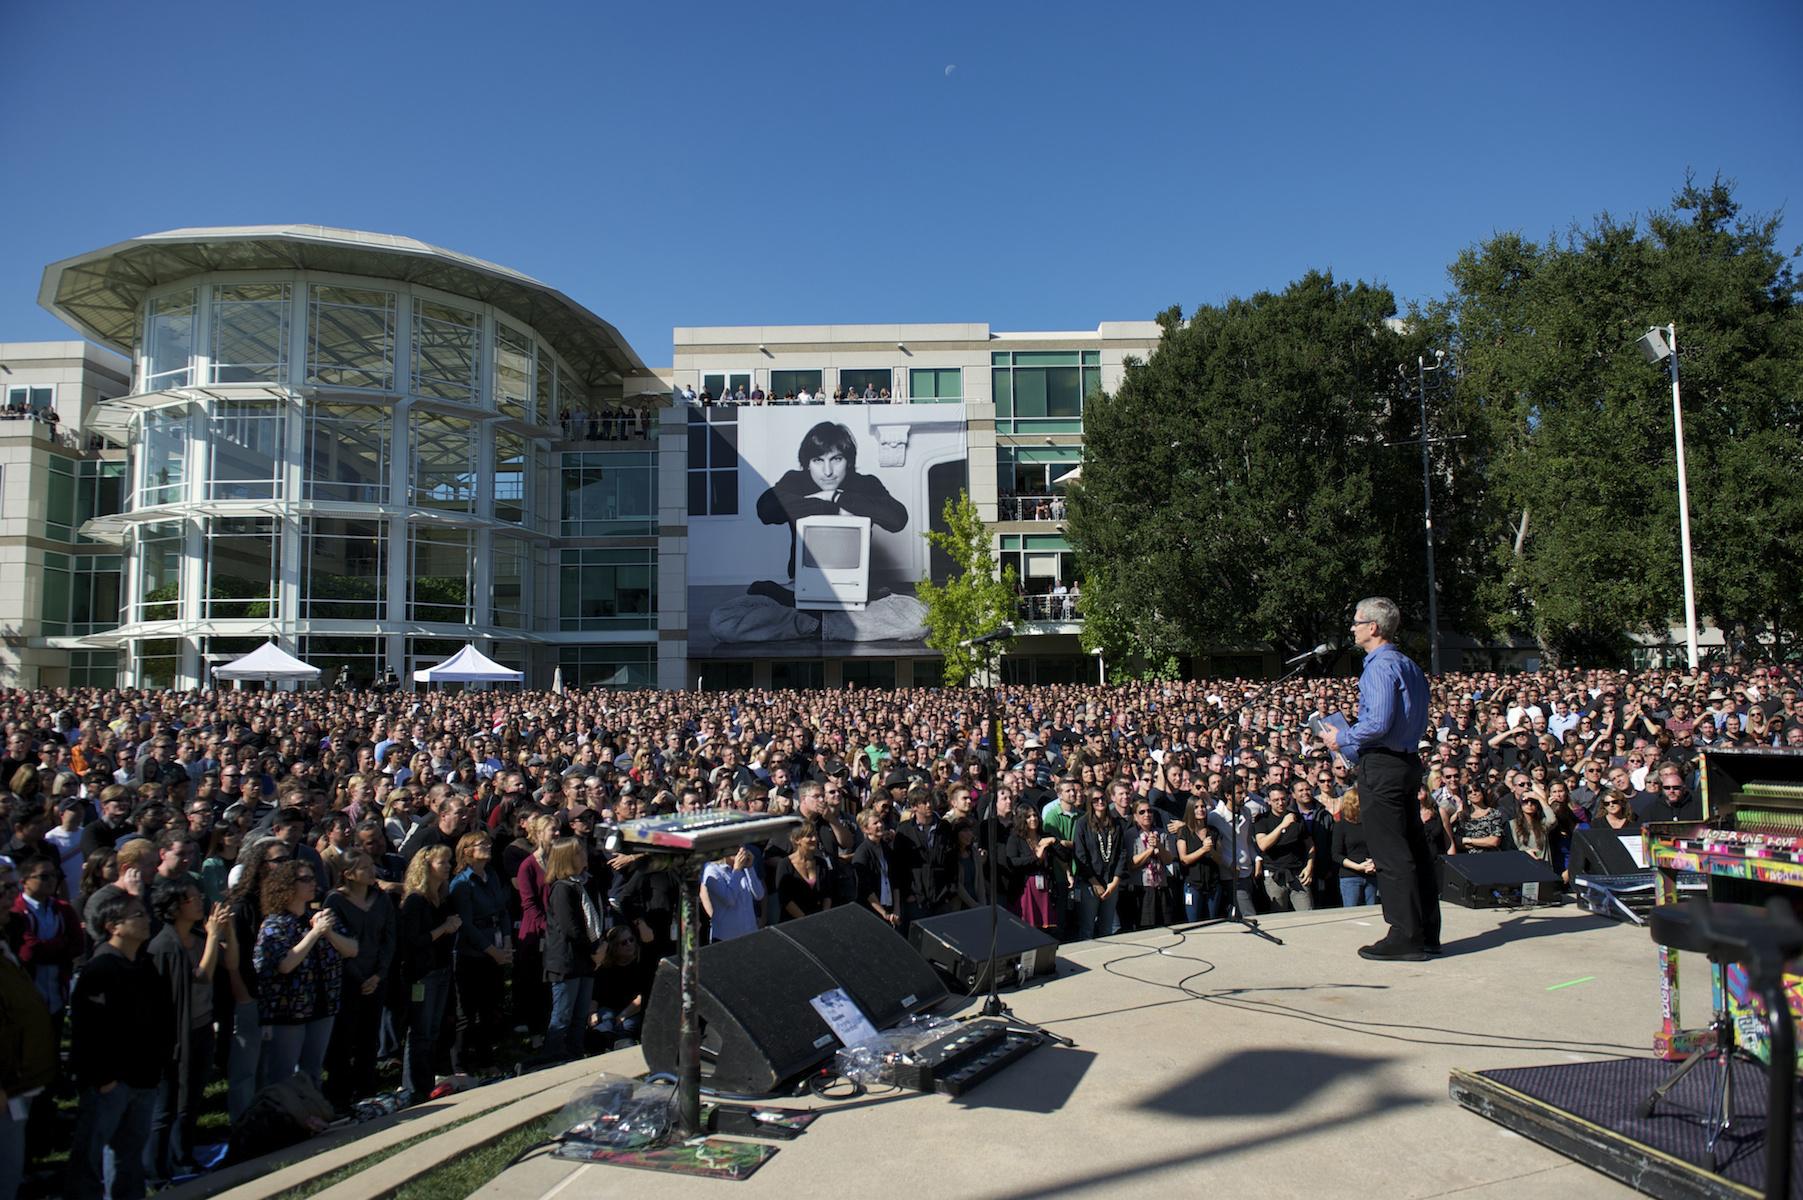 Tim Cook discursando no evento de homenagem a Steve Jobs na Apple